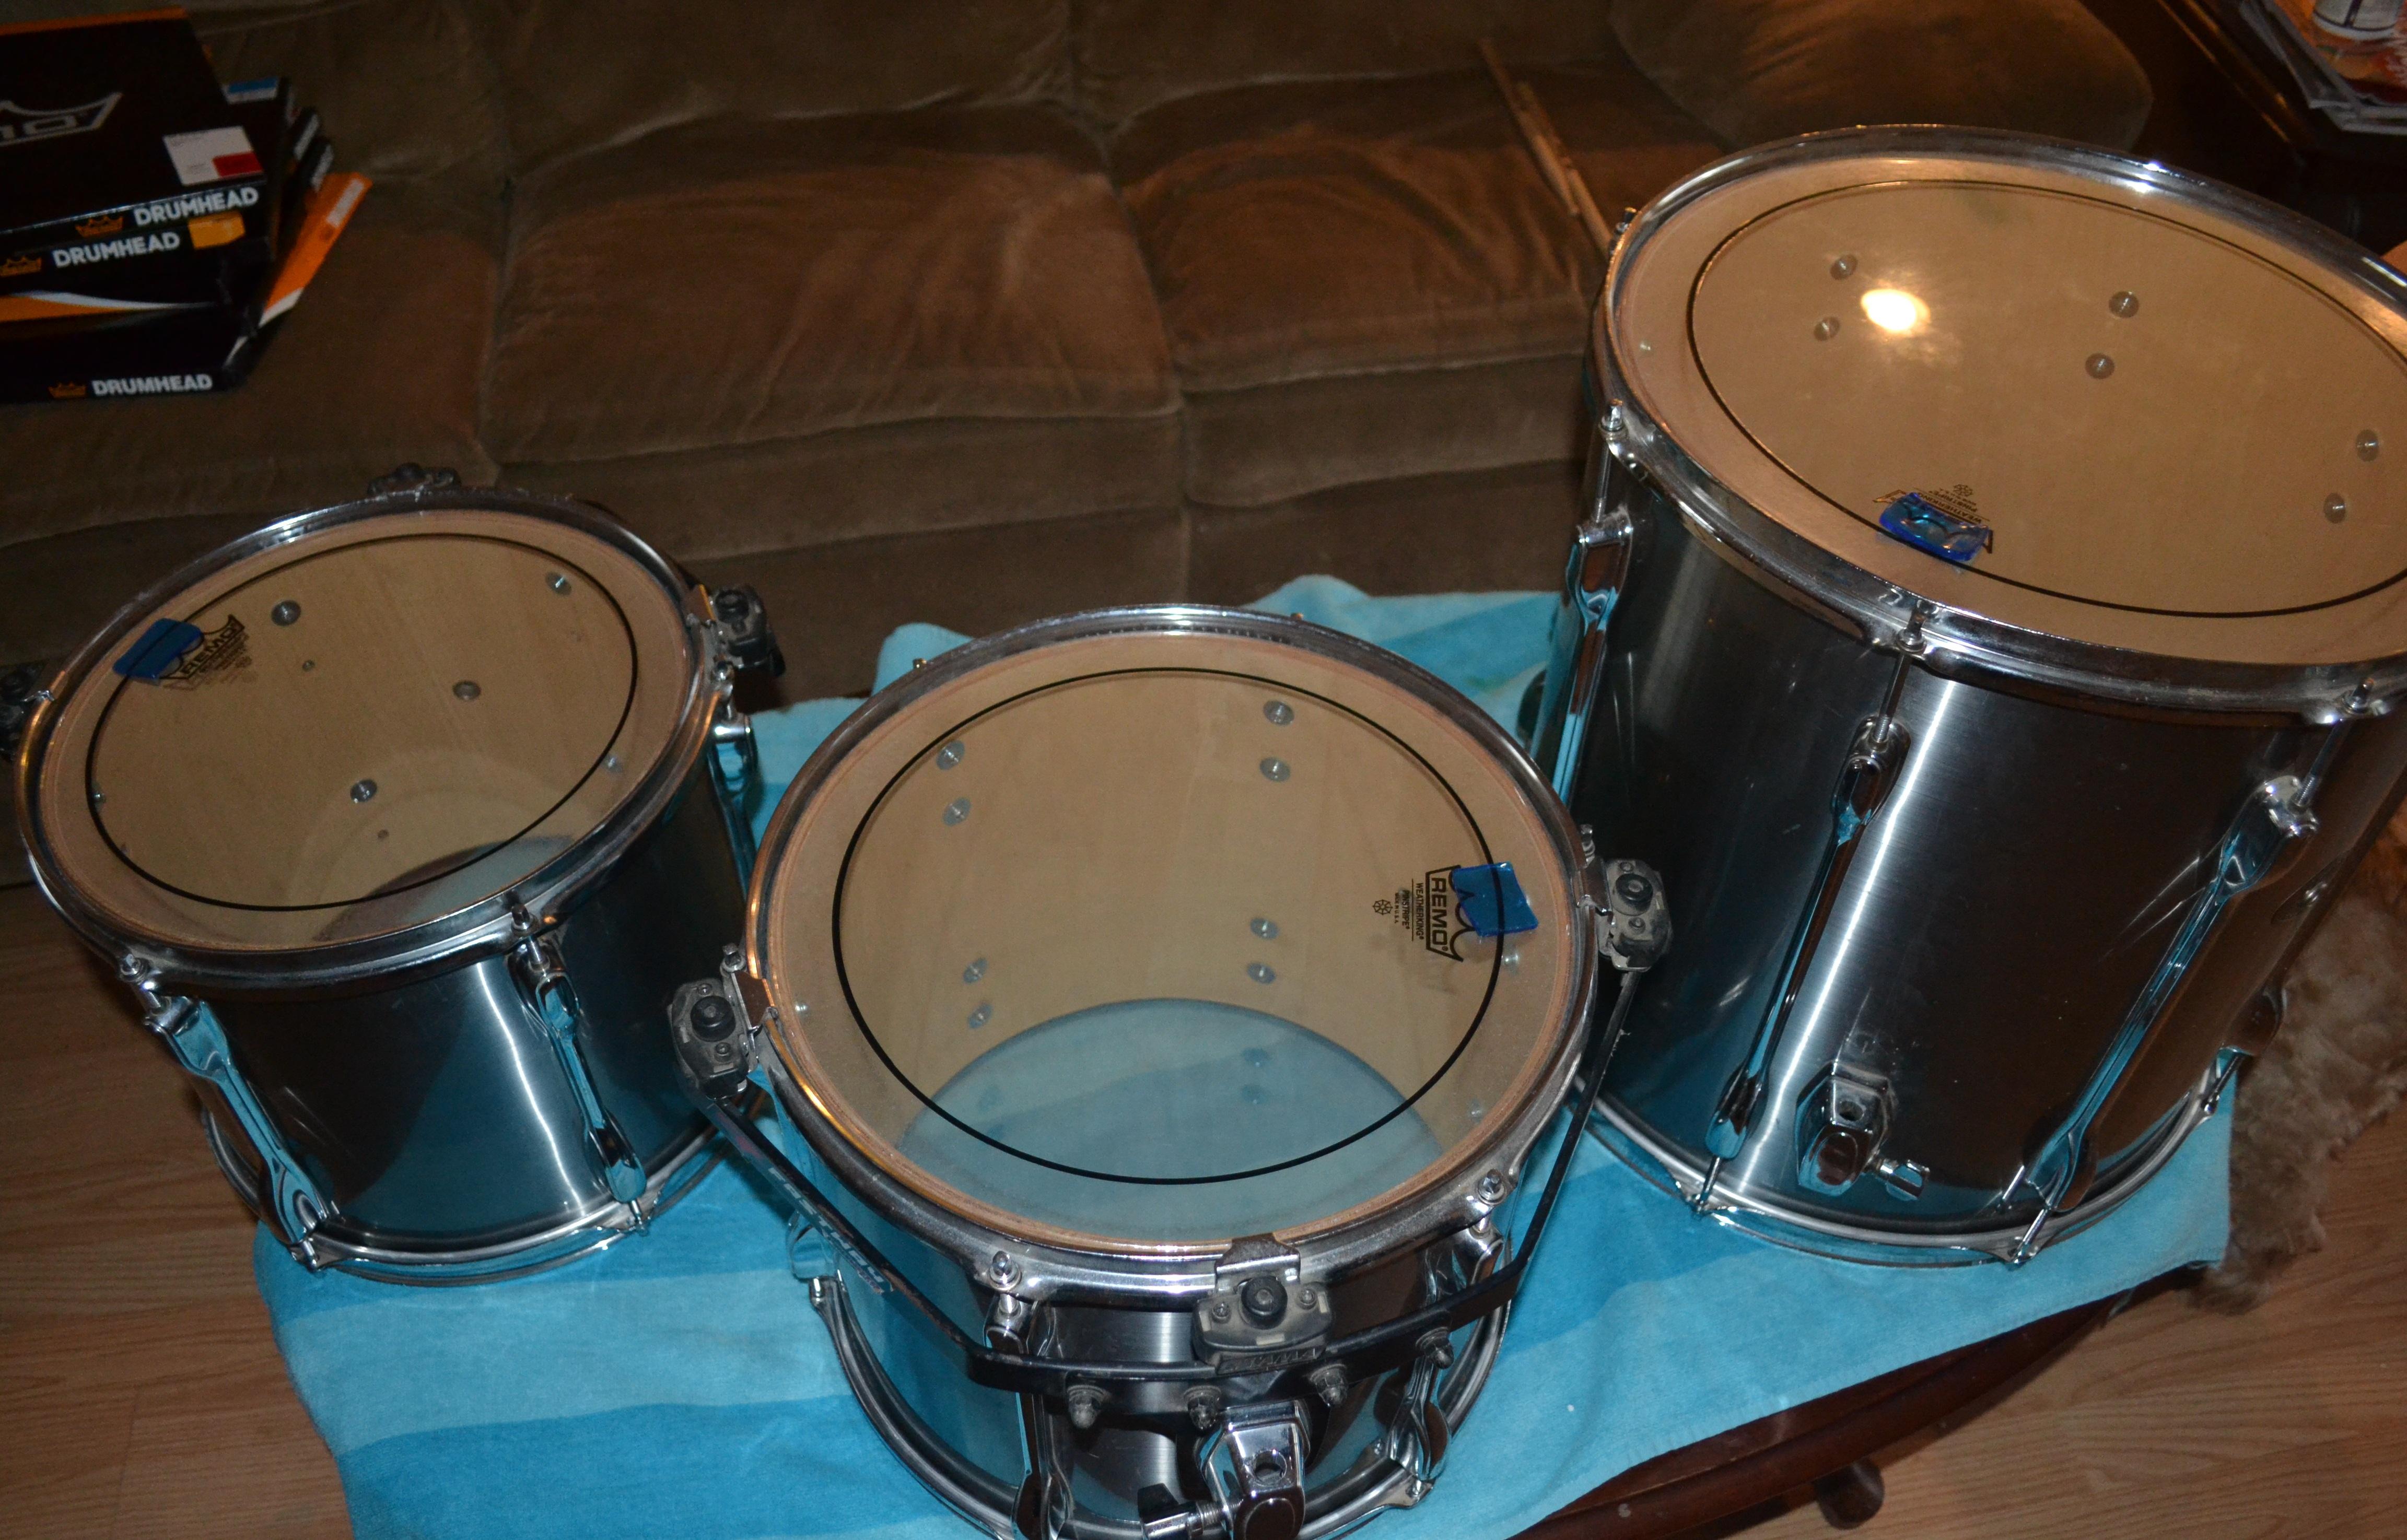 Kai's drums